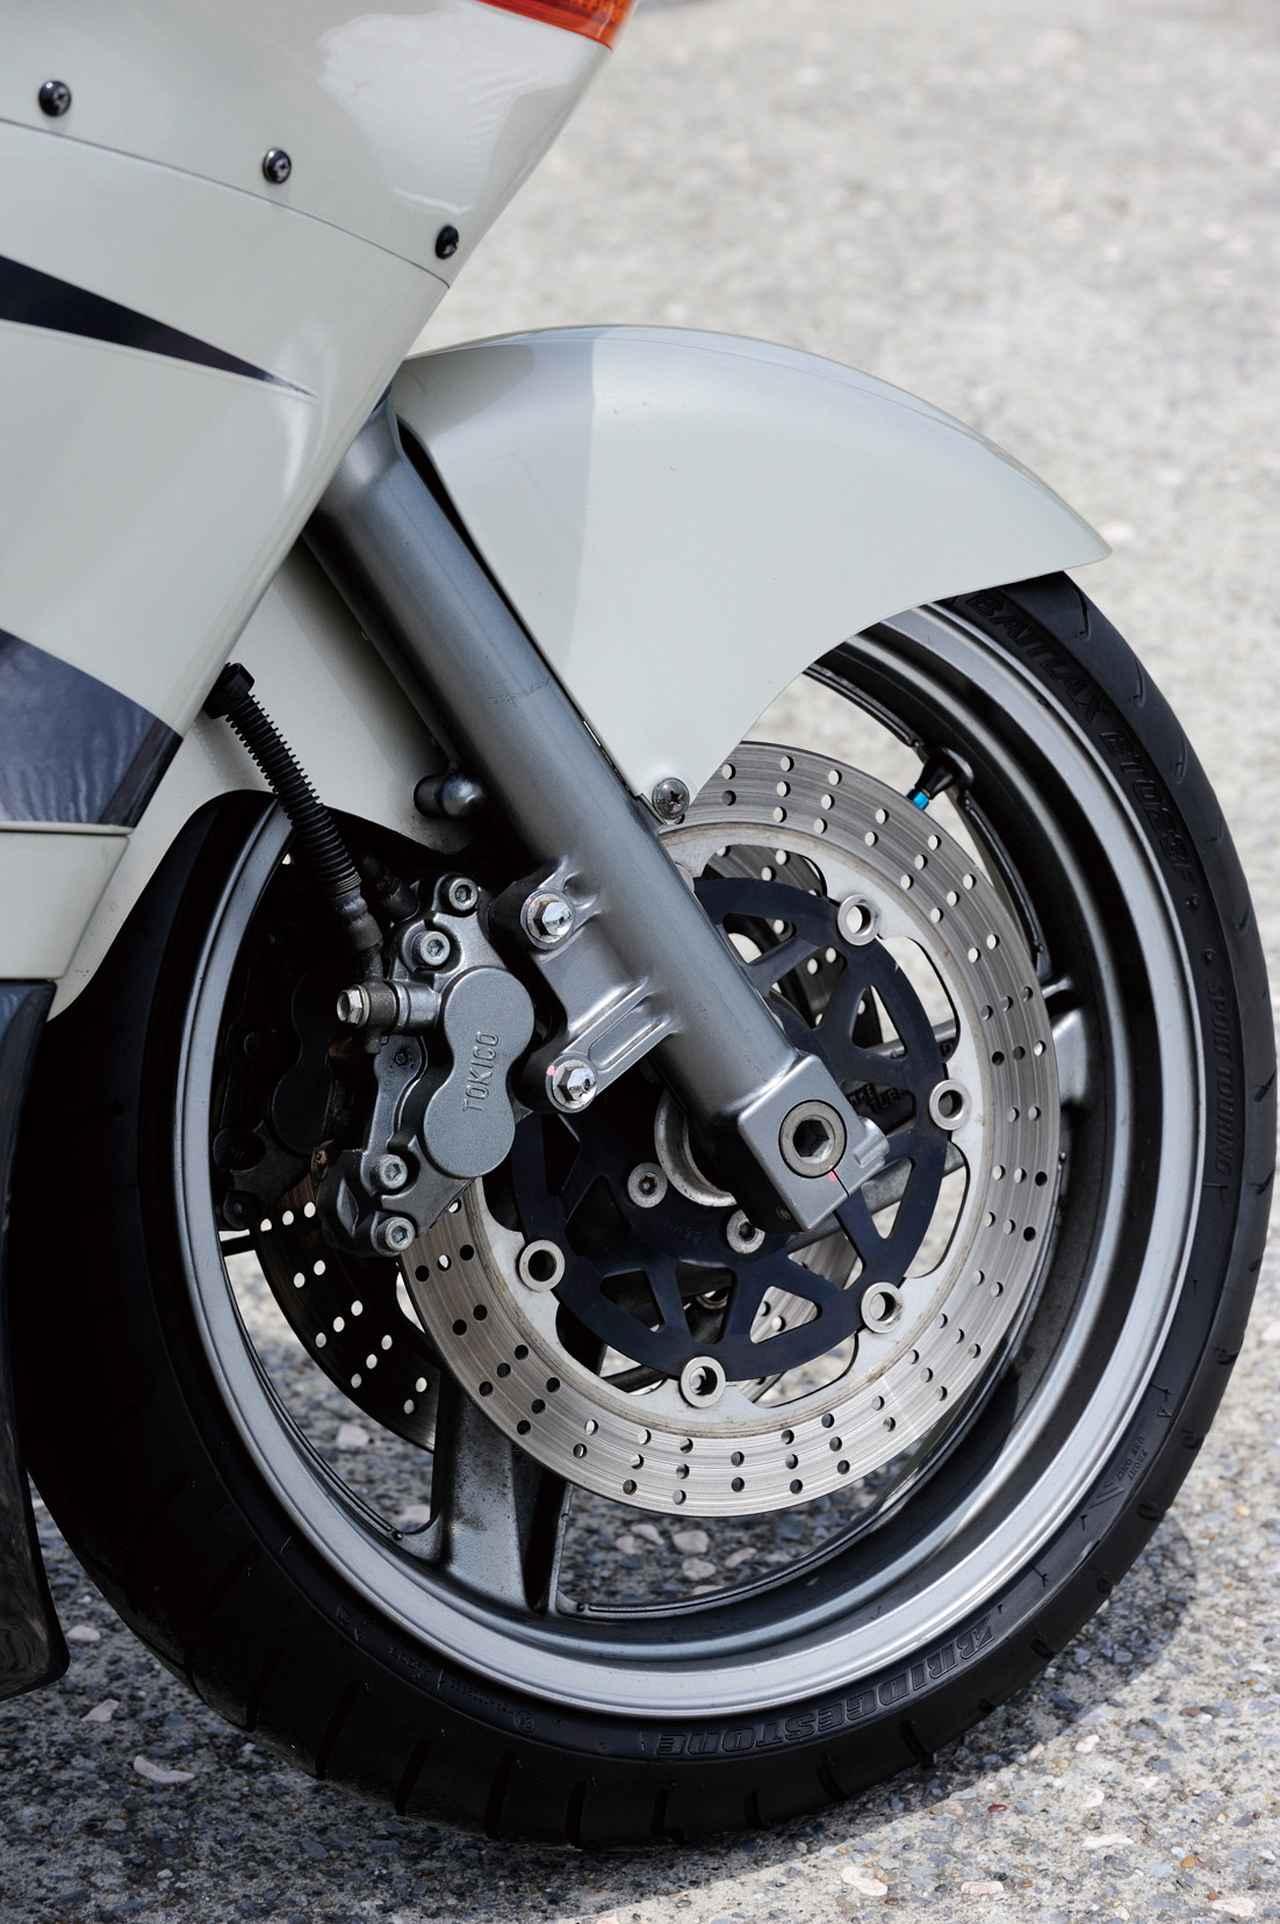 画像: フロントホイール径は17インチ、タイヤサイズは120/60。ブレーキはダブルディスクで、キャリパーはトキコ製の対向4ポットが装着されている。